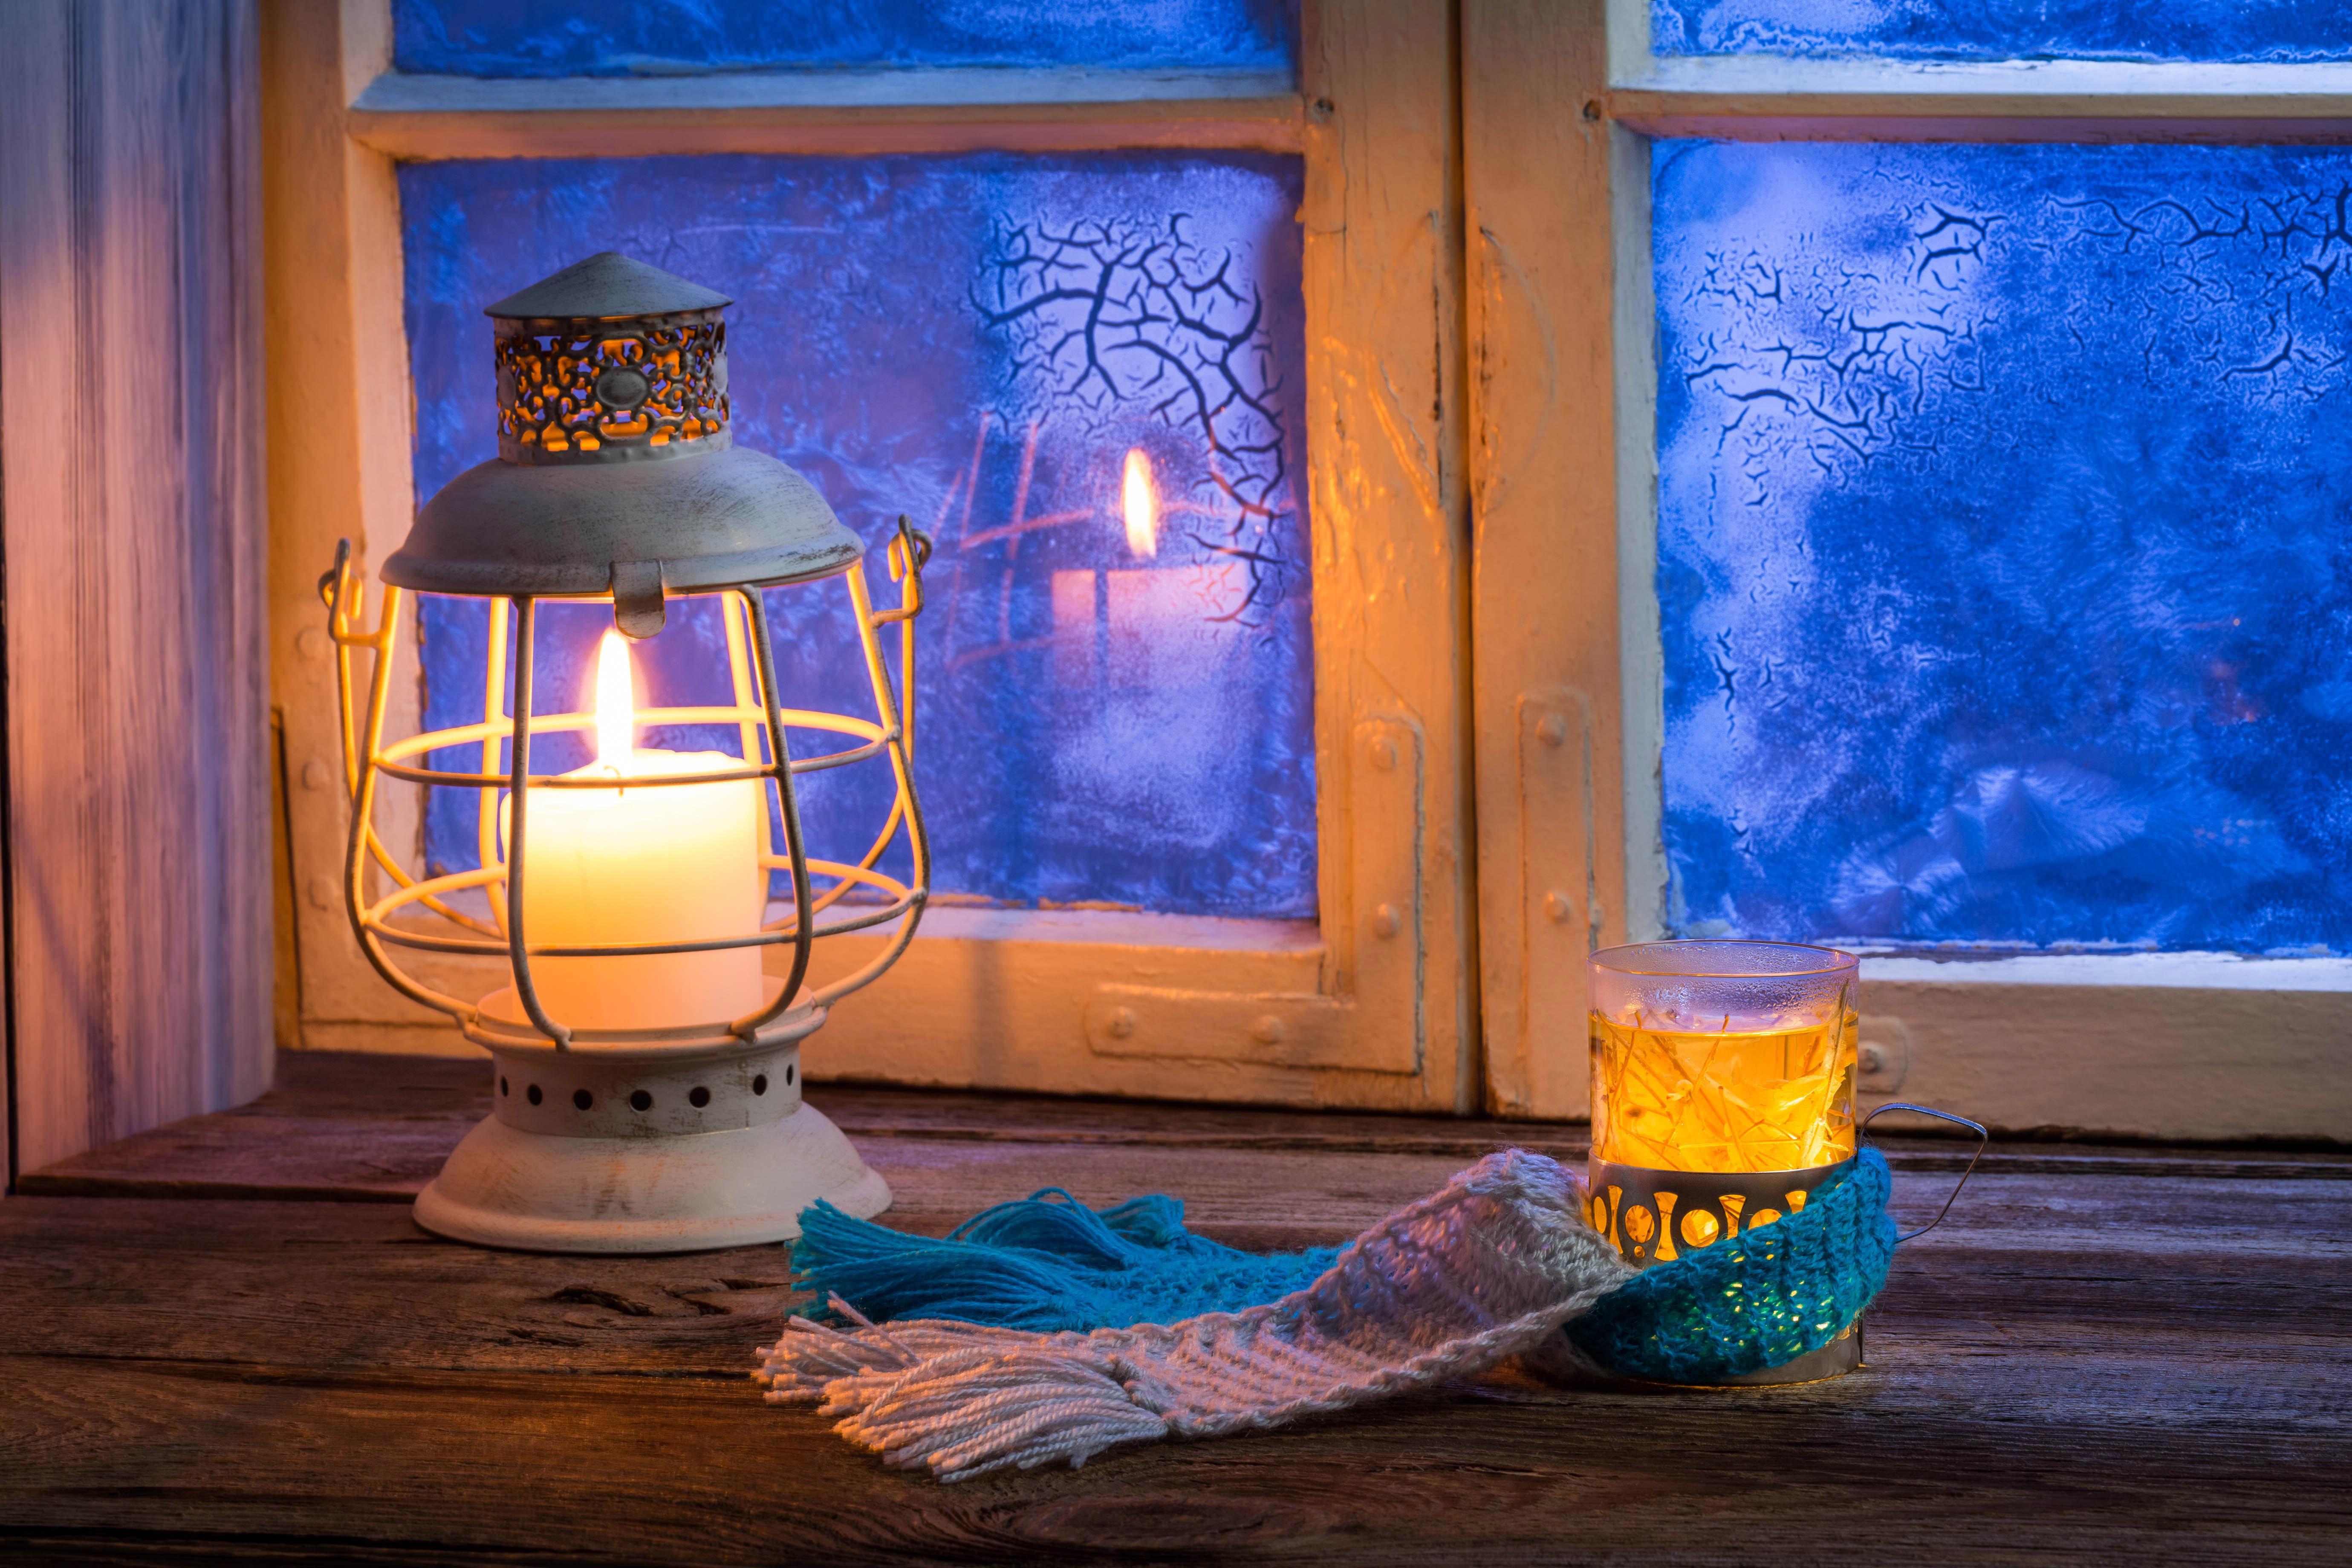 синий фонарь свечка  № 2050256 без смс